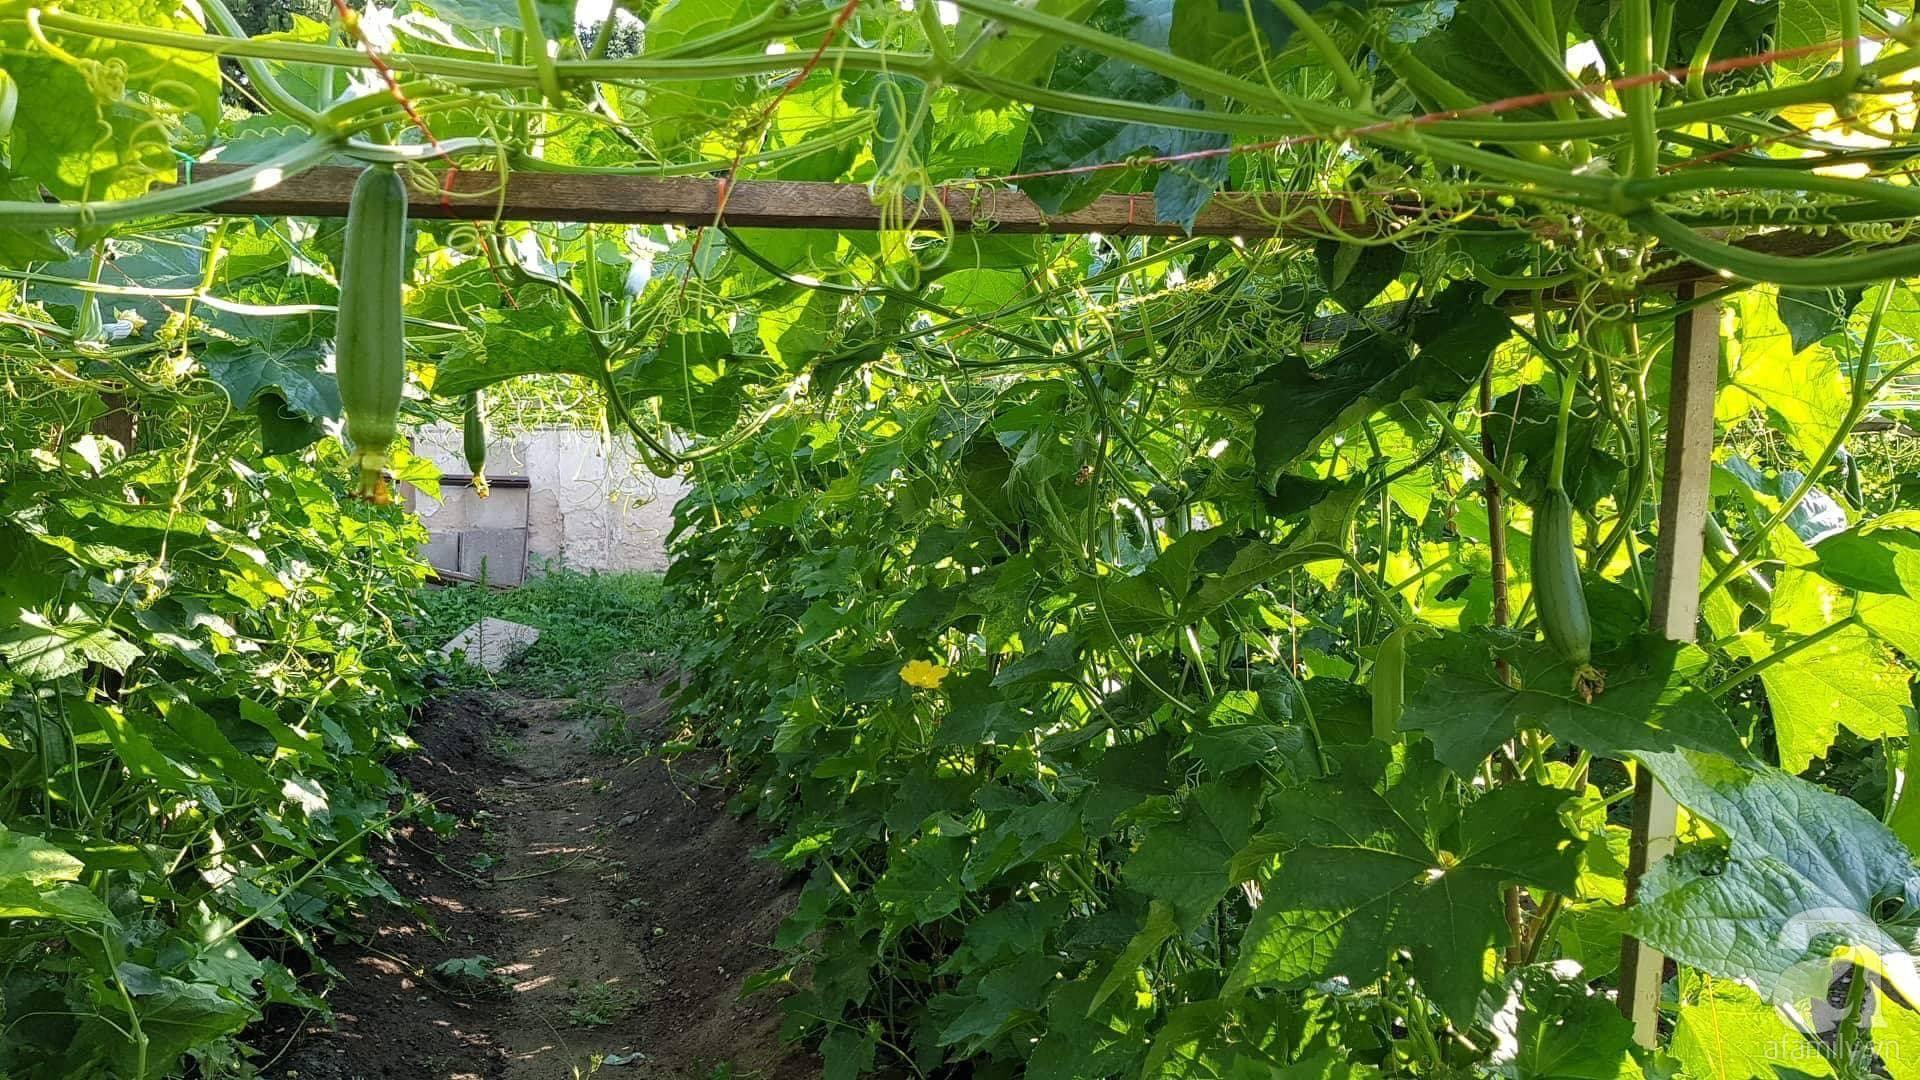 Choáng ngợp trước vườn rau sạch rộng 600m² với đủ rau trái Việt của bà mẹ trẻ ở nước ngoài - Ảnh 4.